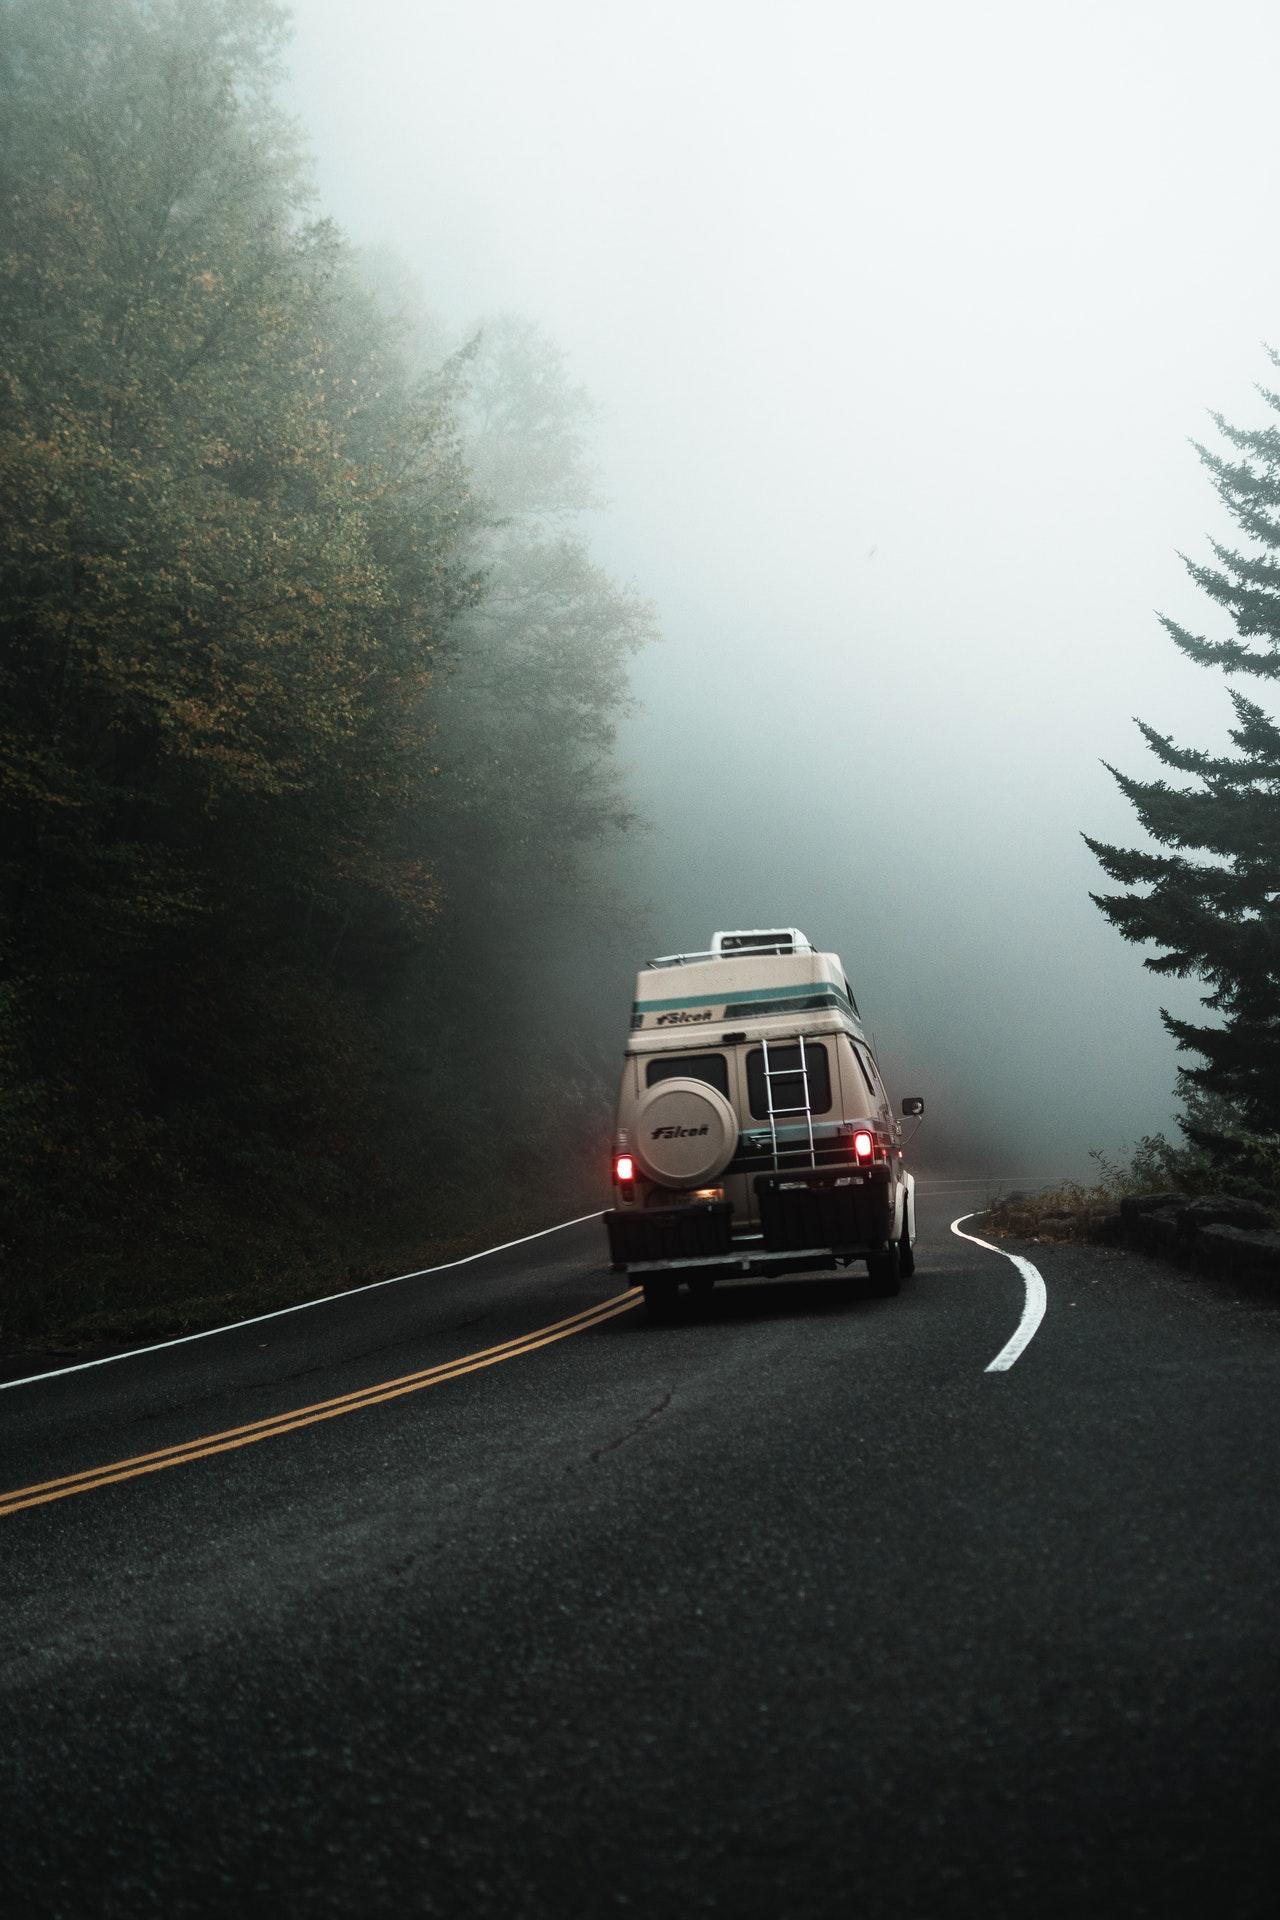 RV on foggy road